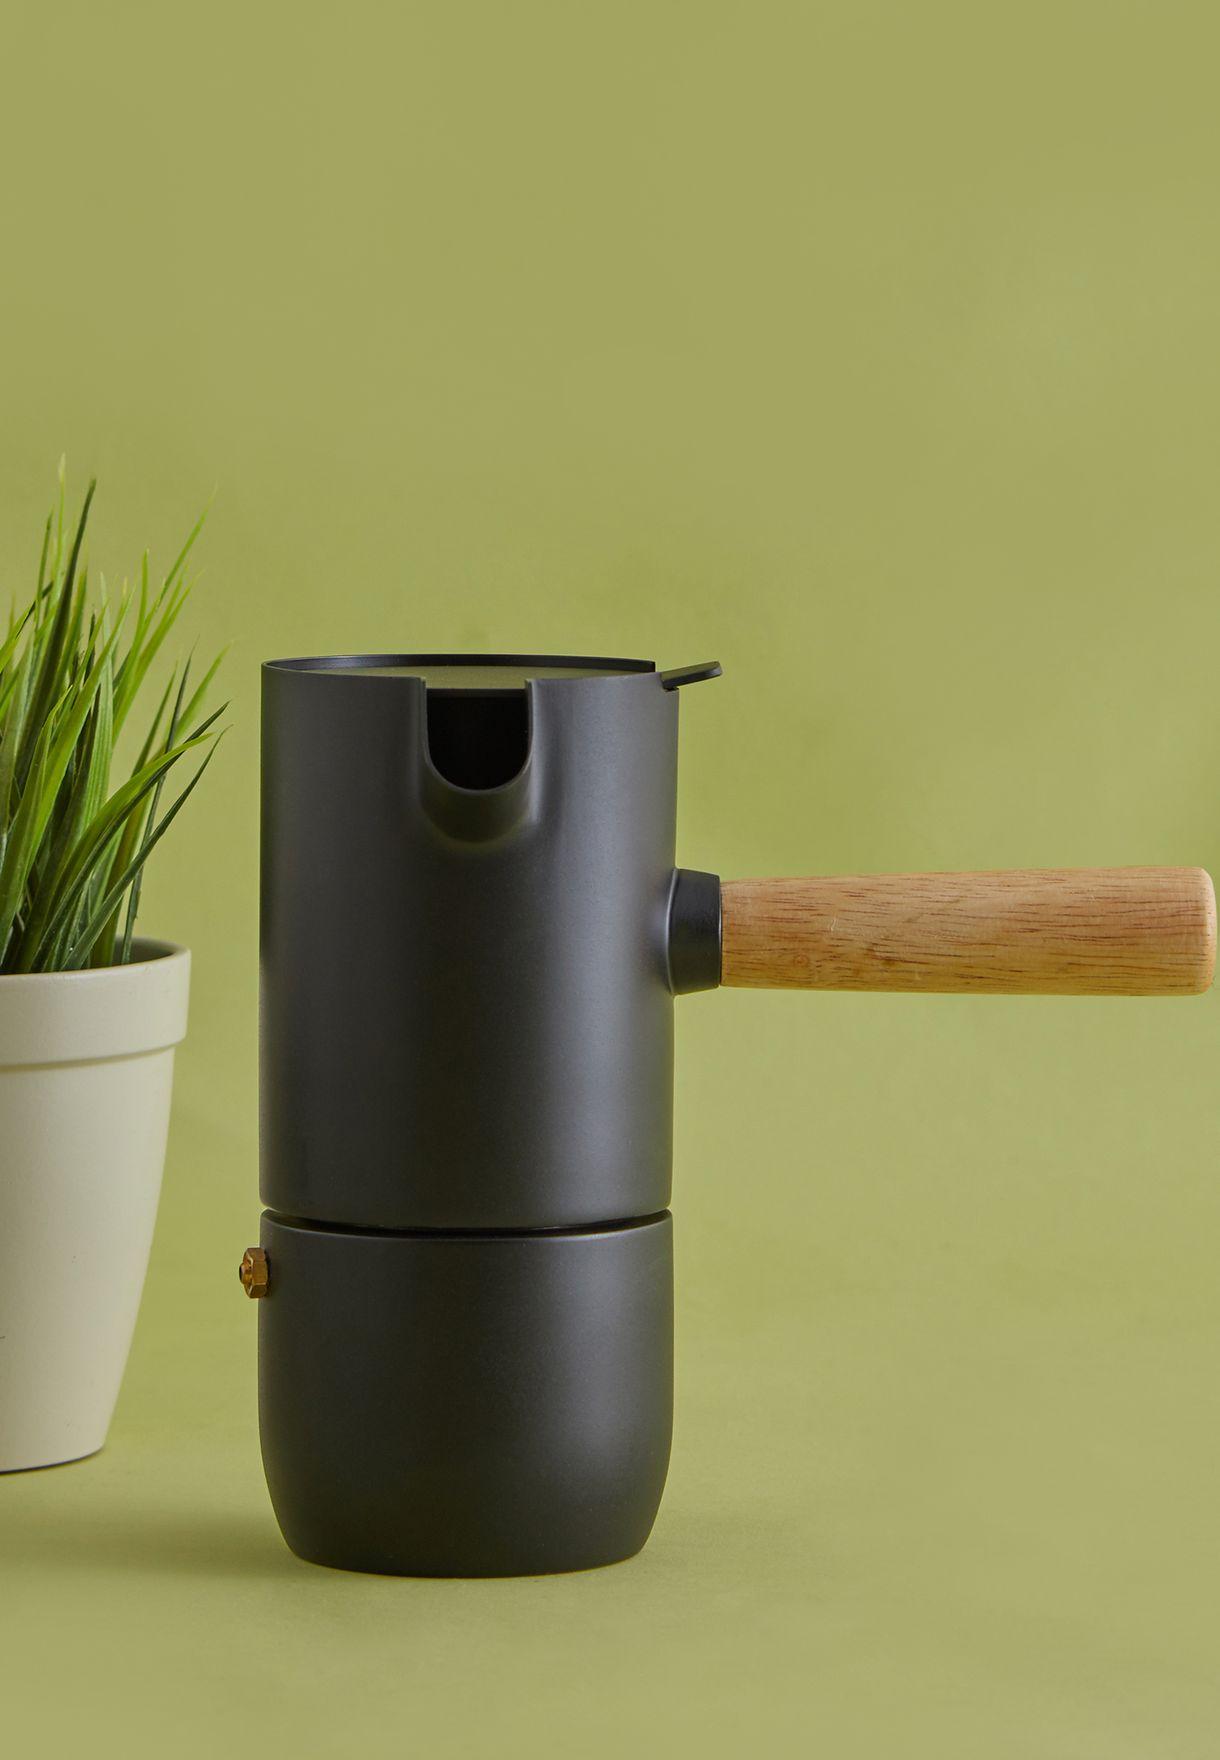 ماكينة صنع القهوة الاسبرسو